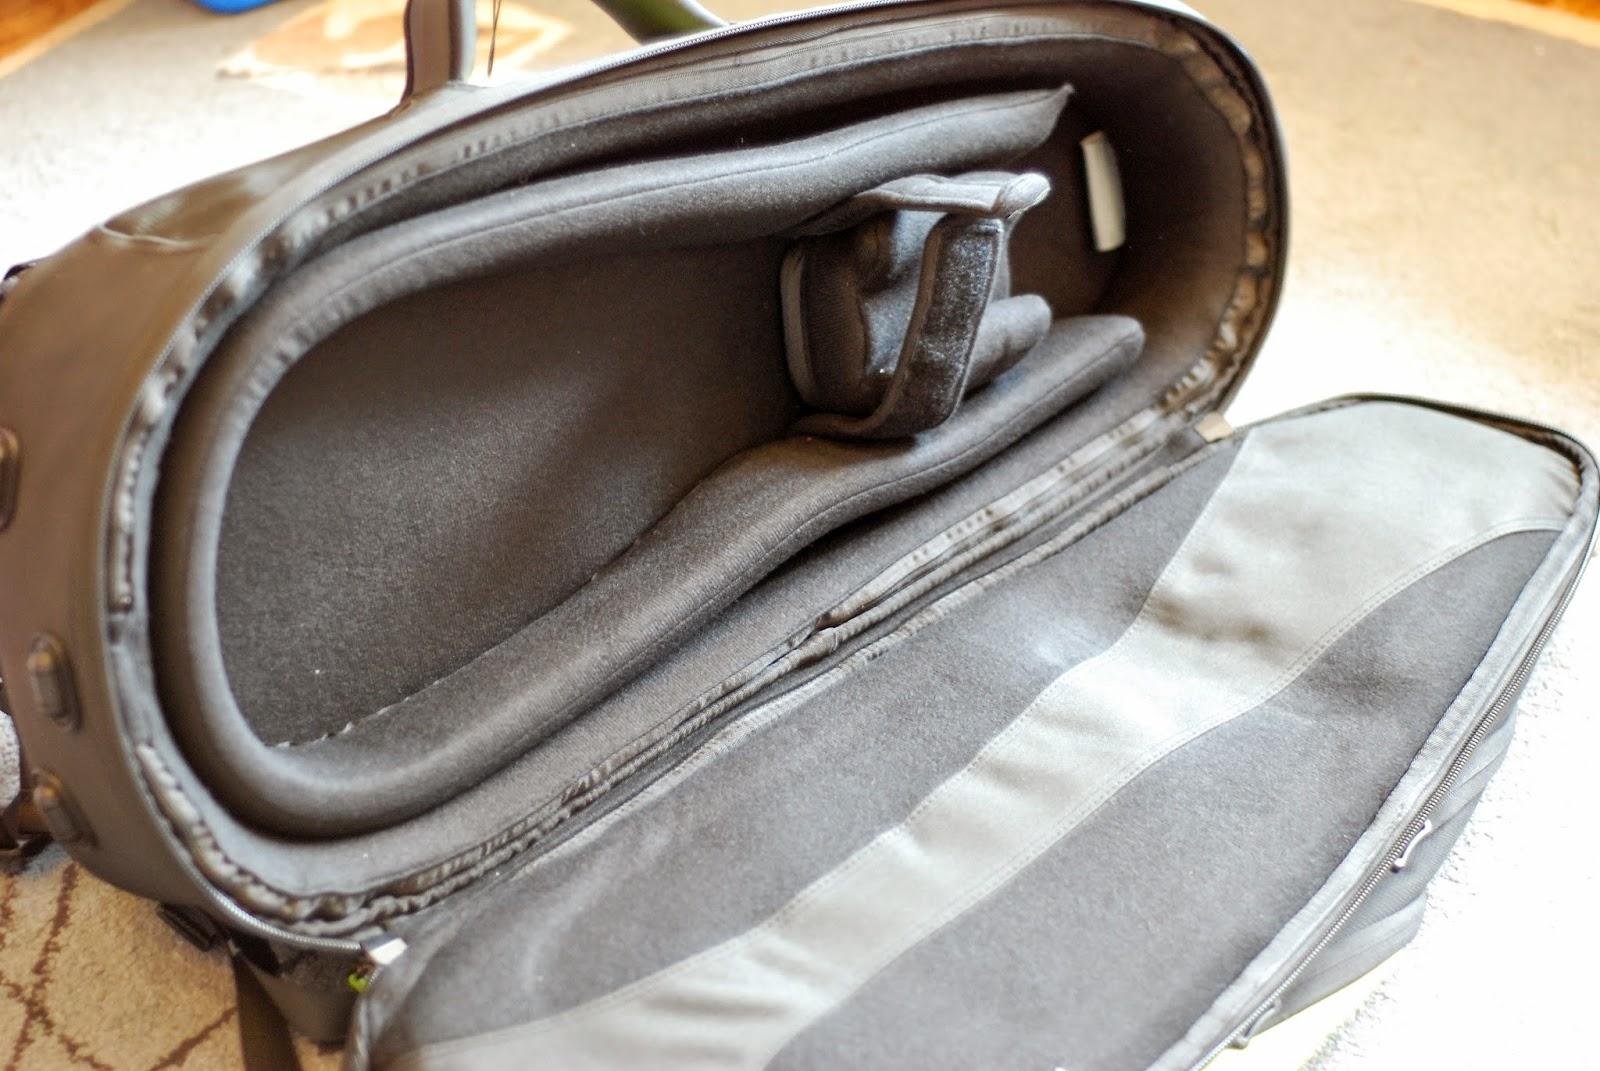 Fusion Premium Ukulele Gig Bag inside